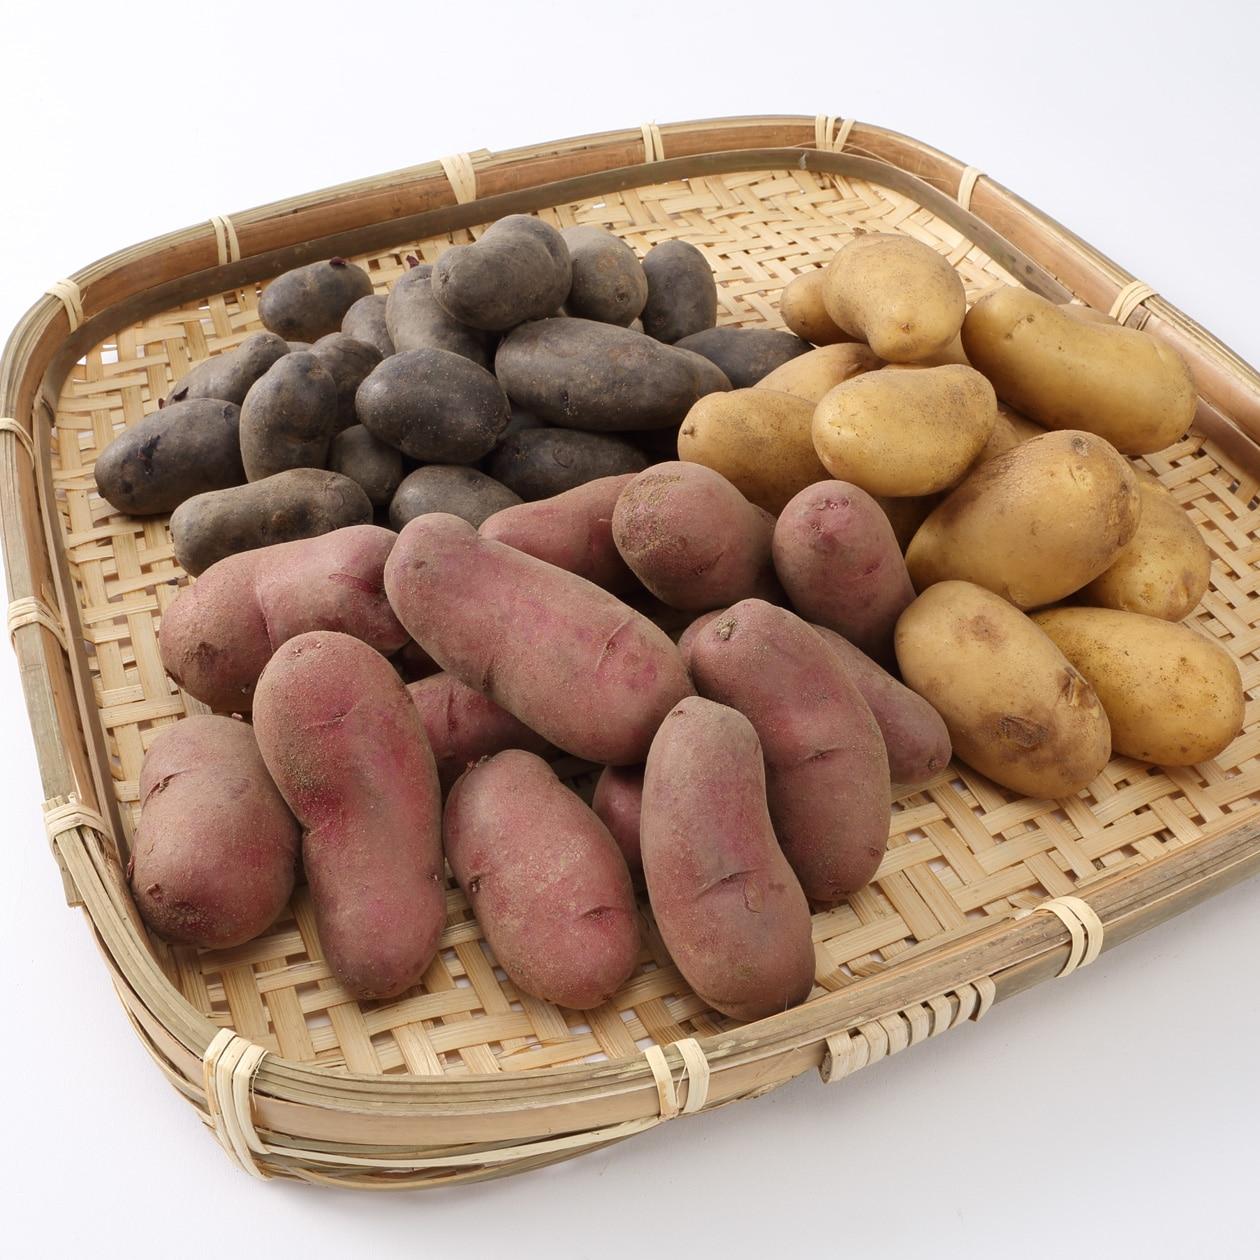 千葉県一宮町産 化学肥料・農薬不使用のジャガイモ詰め合わせ